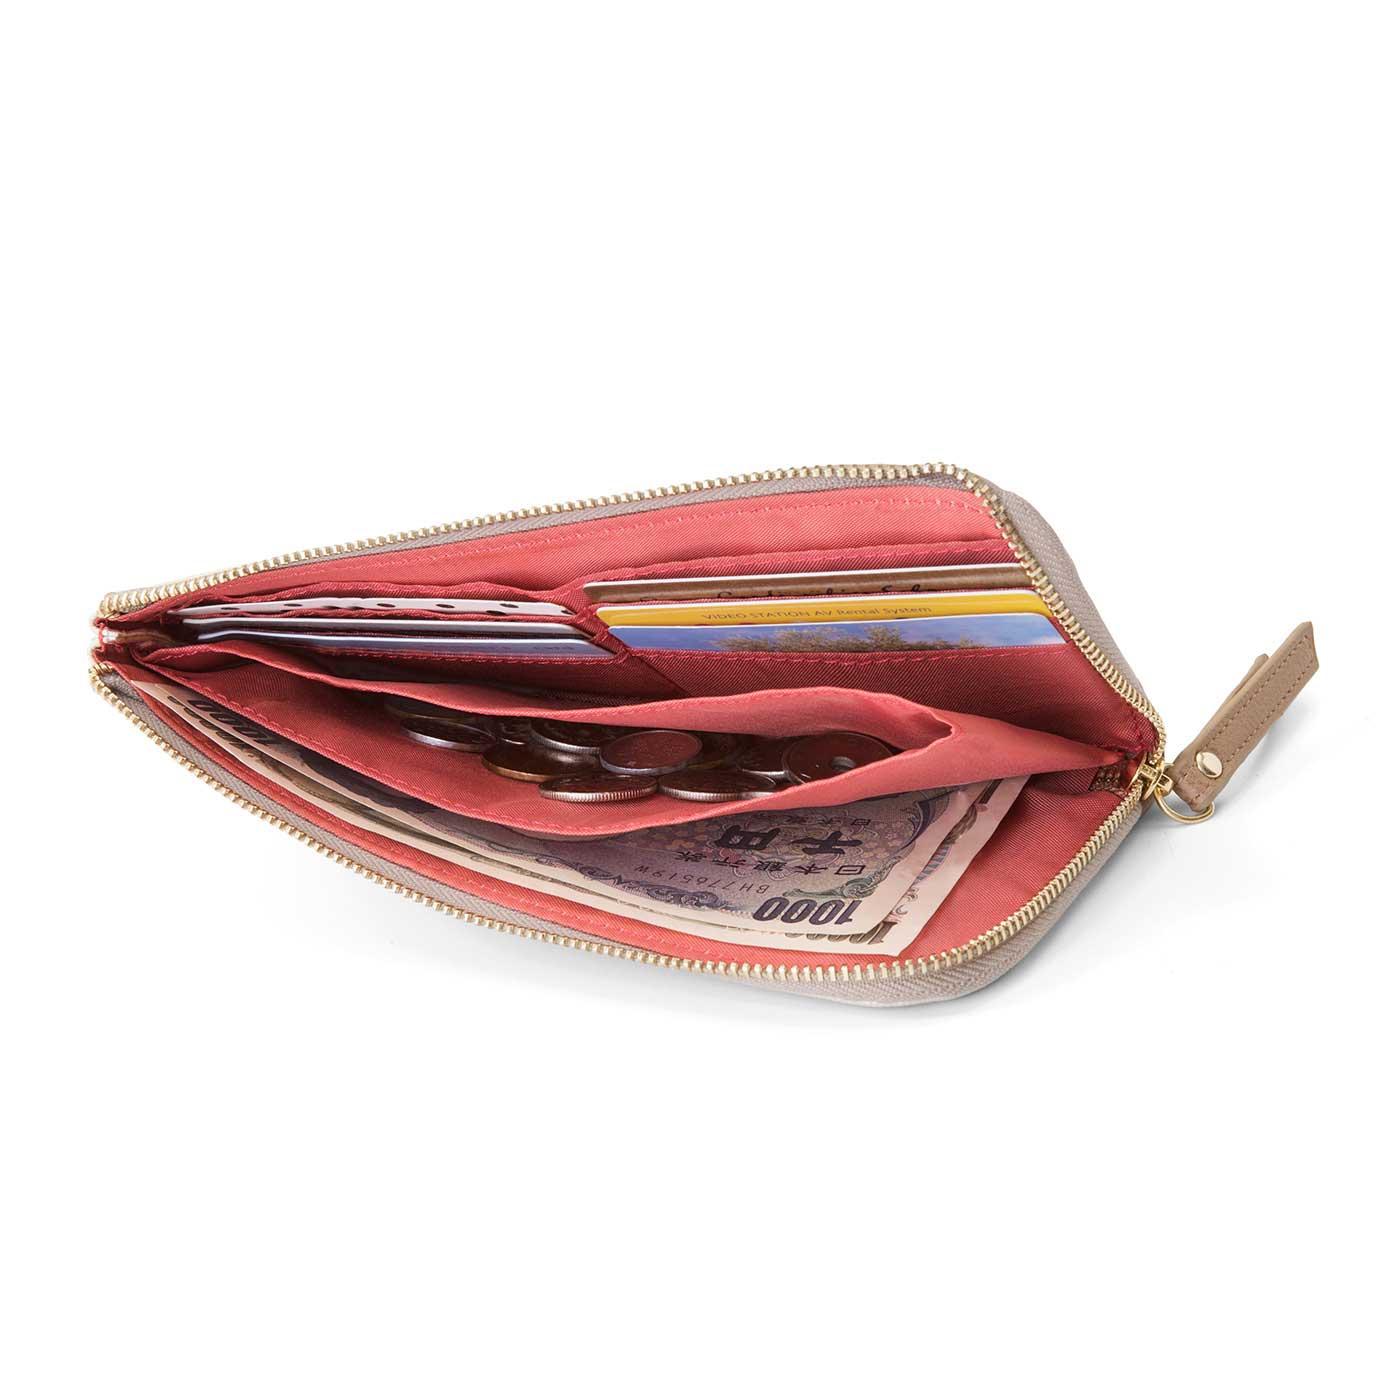 〔必要分をコンパクトに取り出して〕薄くてコンパクト、L字開きが便利なファスナー財布。メインのクレジットカードやすぐ使う現金などを入れて。カードポケット6個、大ポケット1個、小銭ポケット1個。